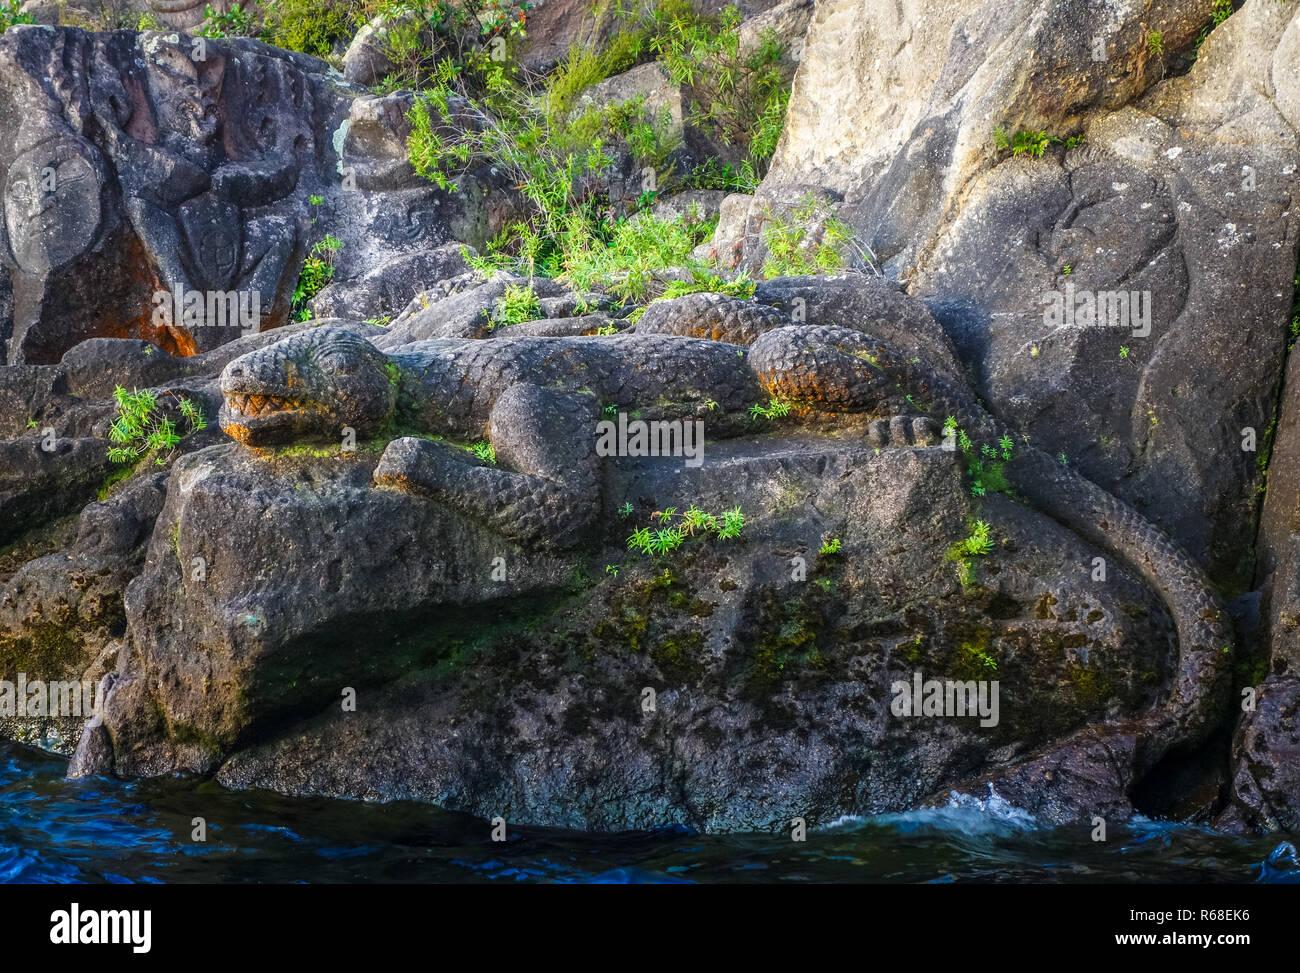 Los maoríes las tallas de piedra, un lagarto, el Lago Taupo, Nueva Zelandia Foto de stock